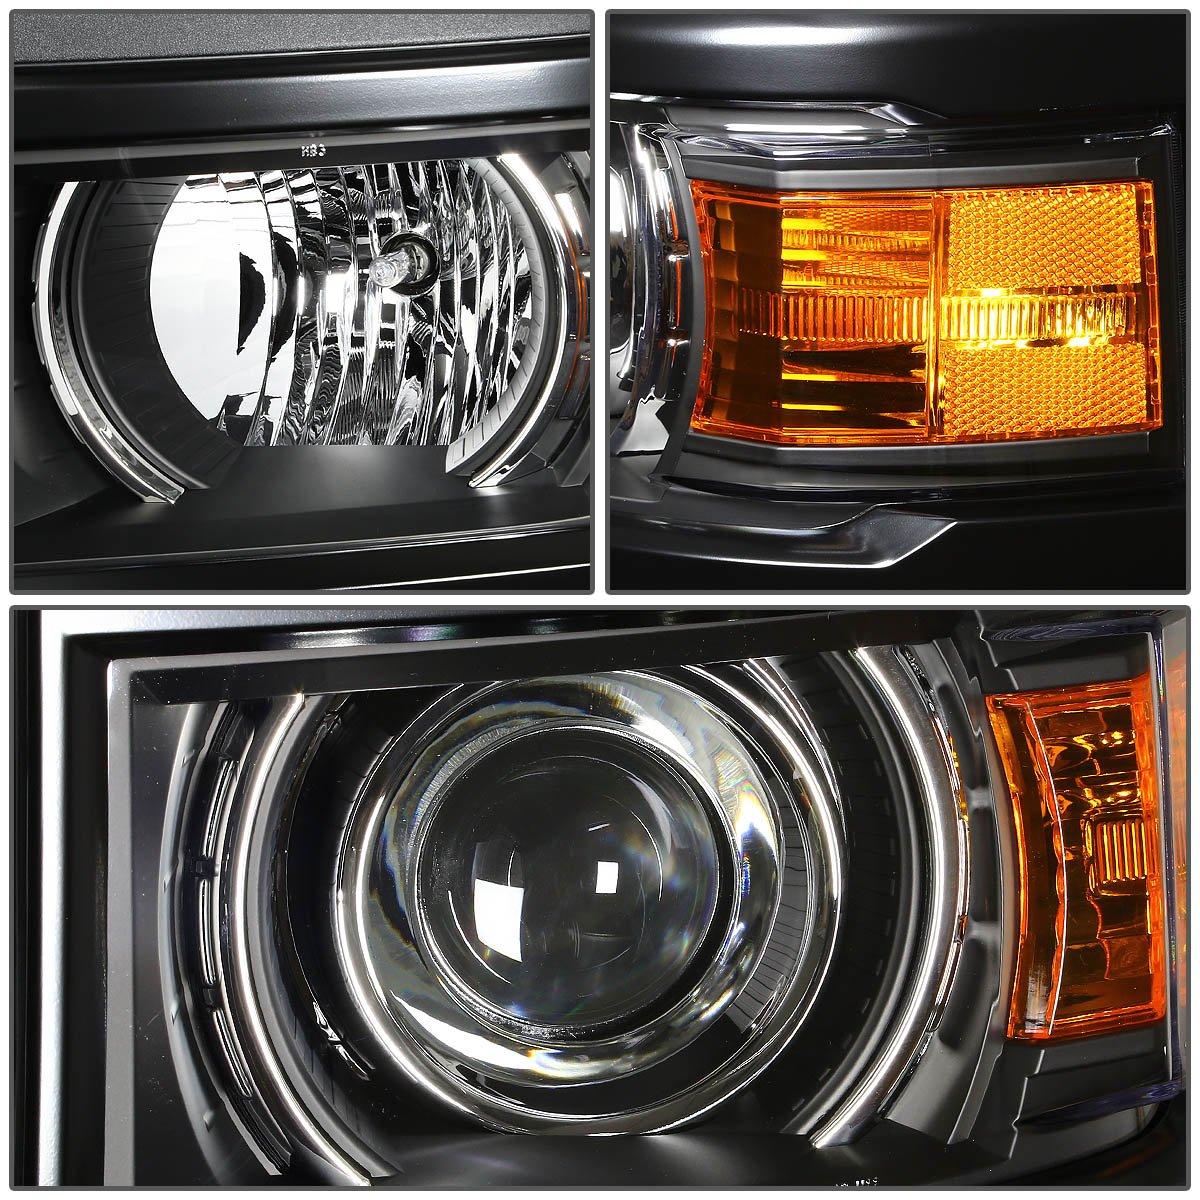 HL-HPL-CSIL14-BK-AM Driver /& Passenger Side DNA Motoring HLHPLCSIL14BKAM Halo Projector Headlight